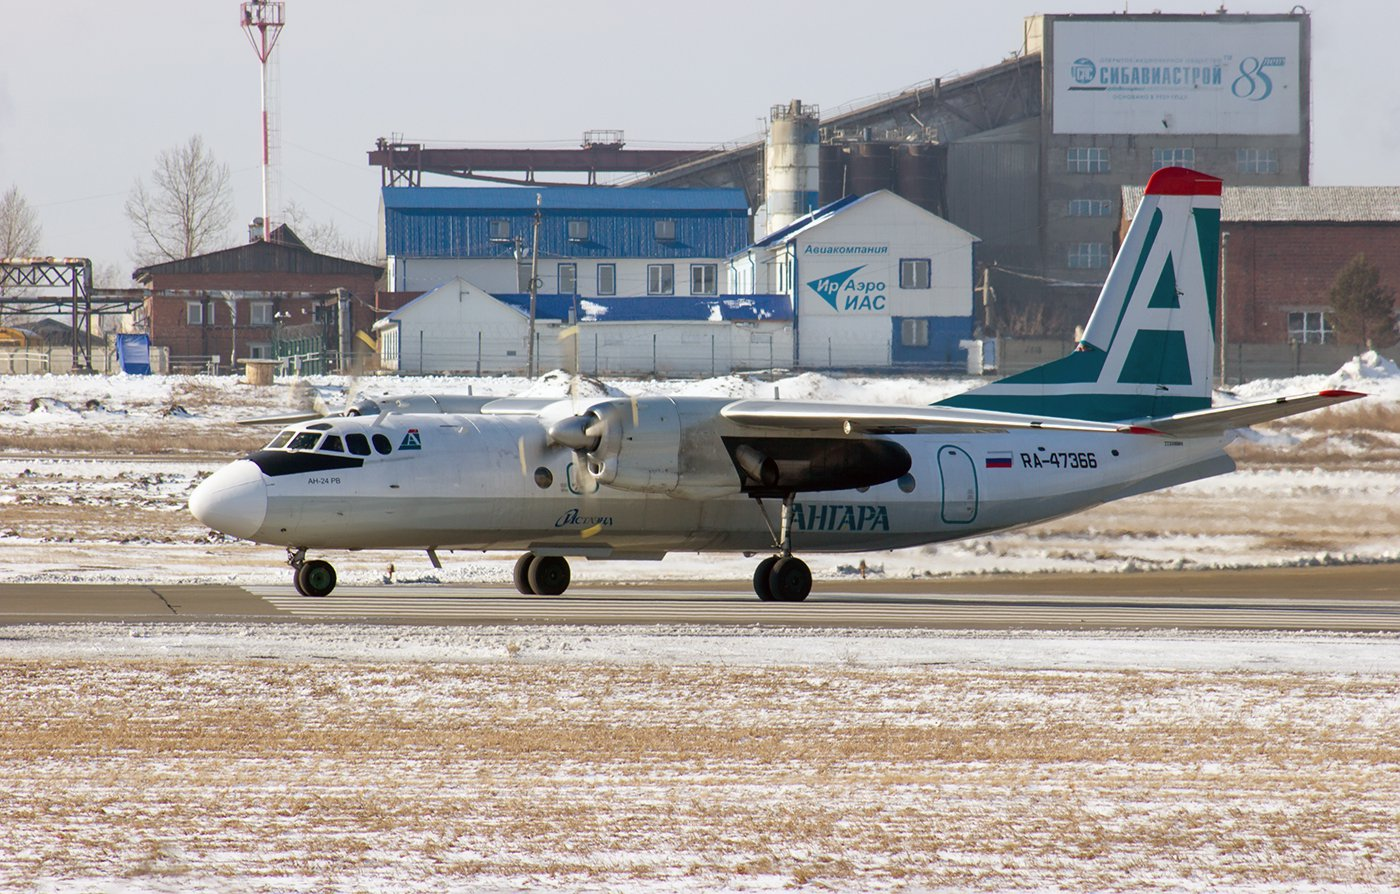 Самолет АН-24 RA-47366 авиакомпании